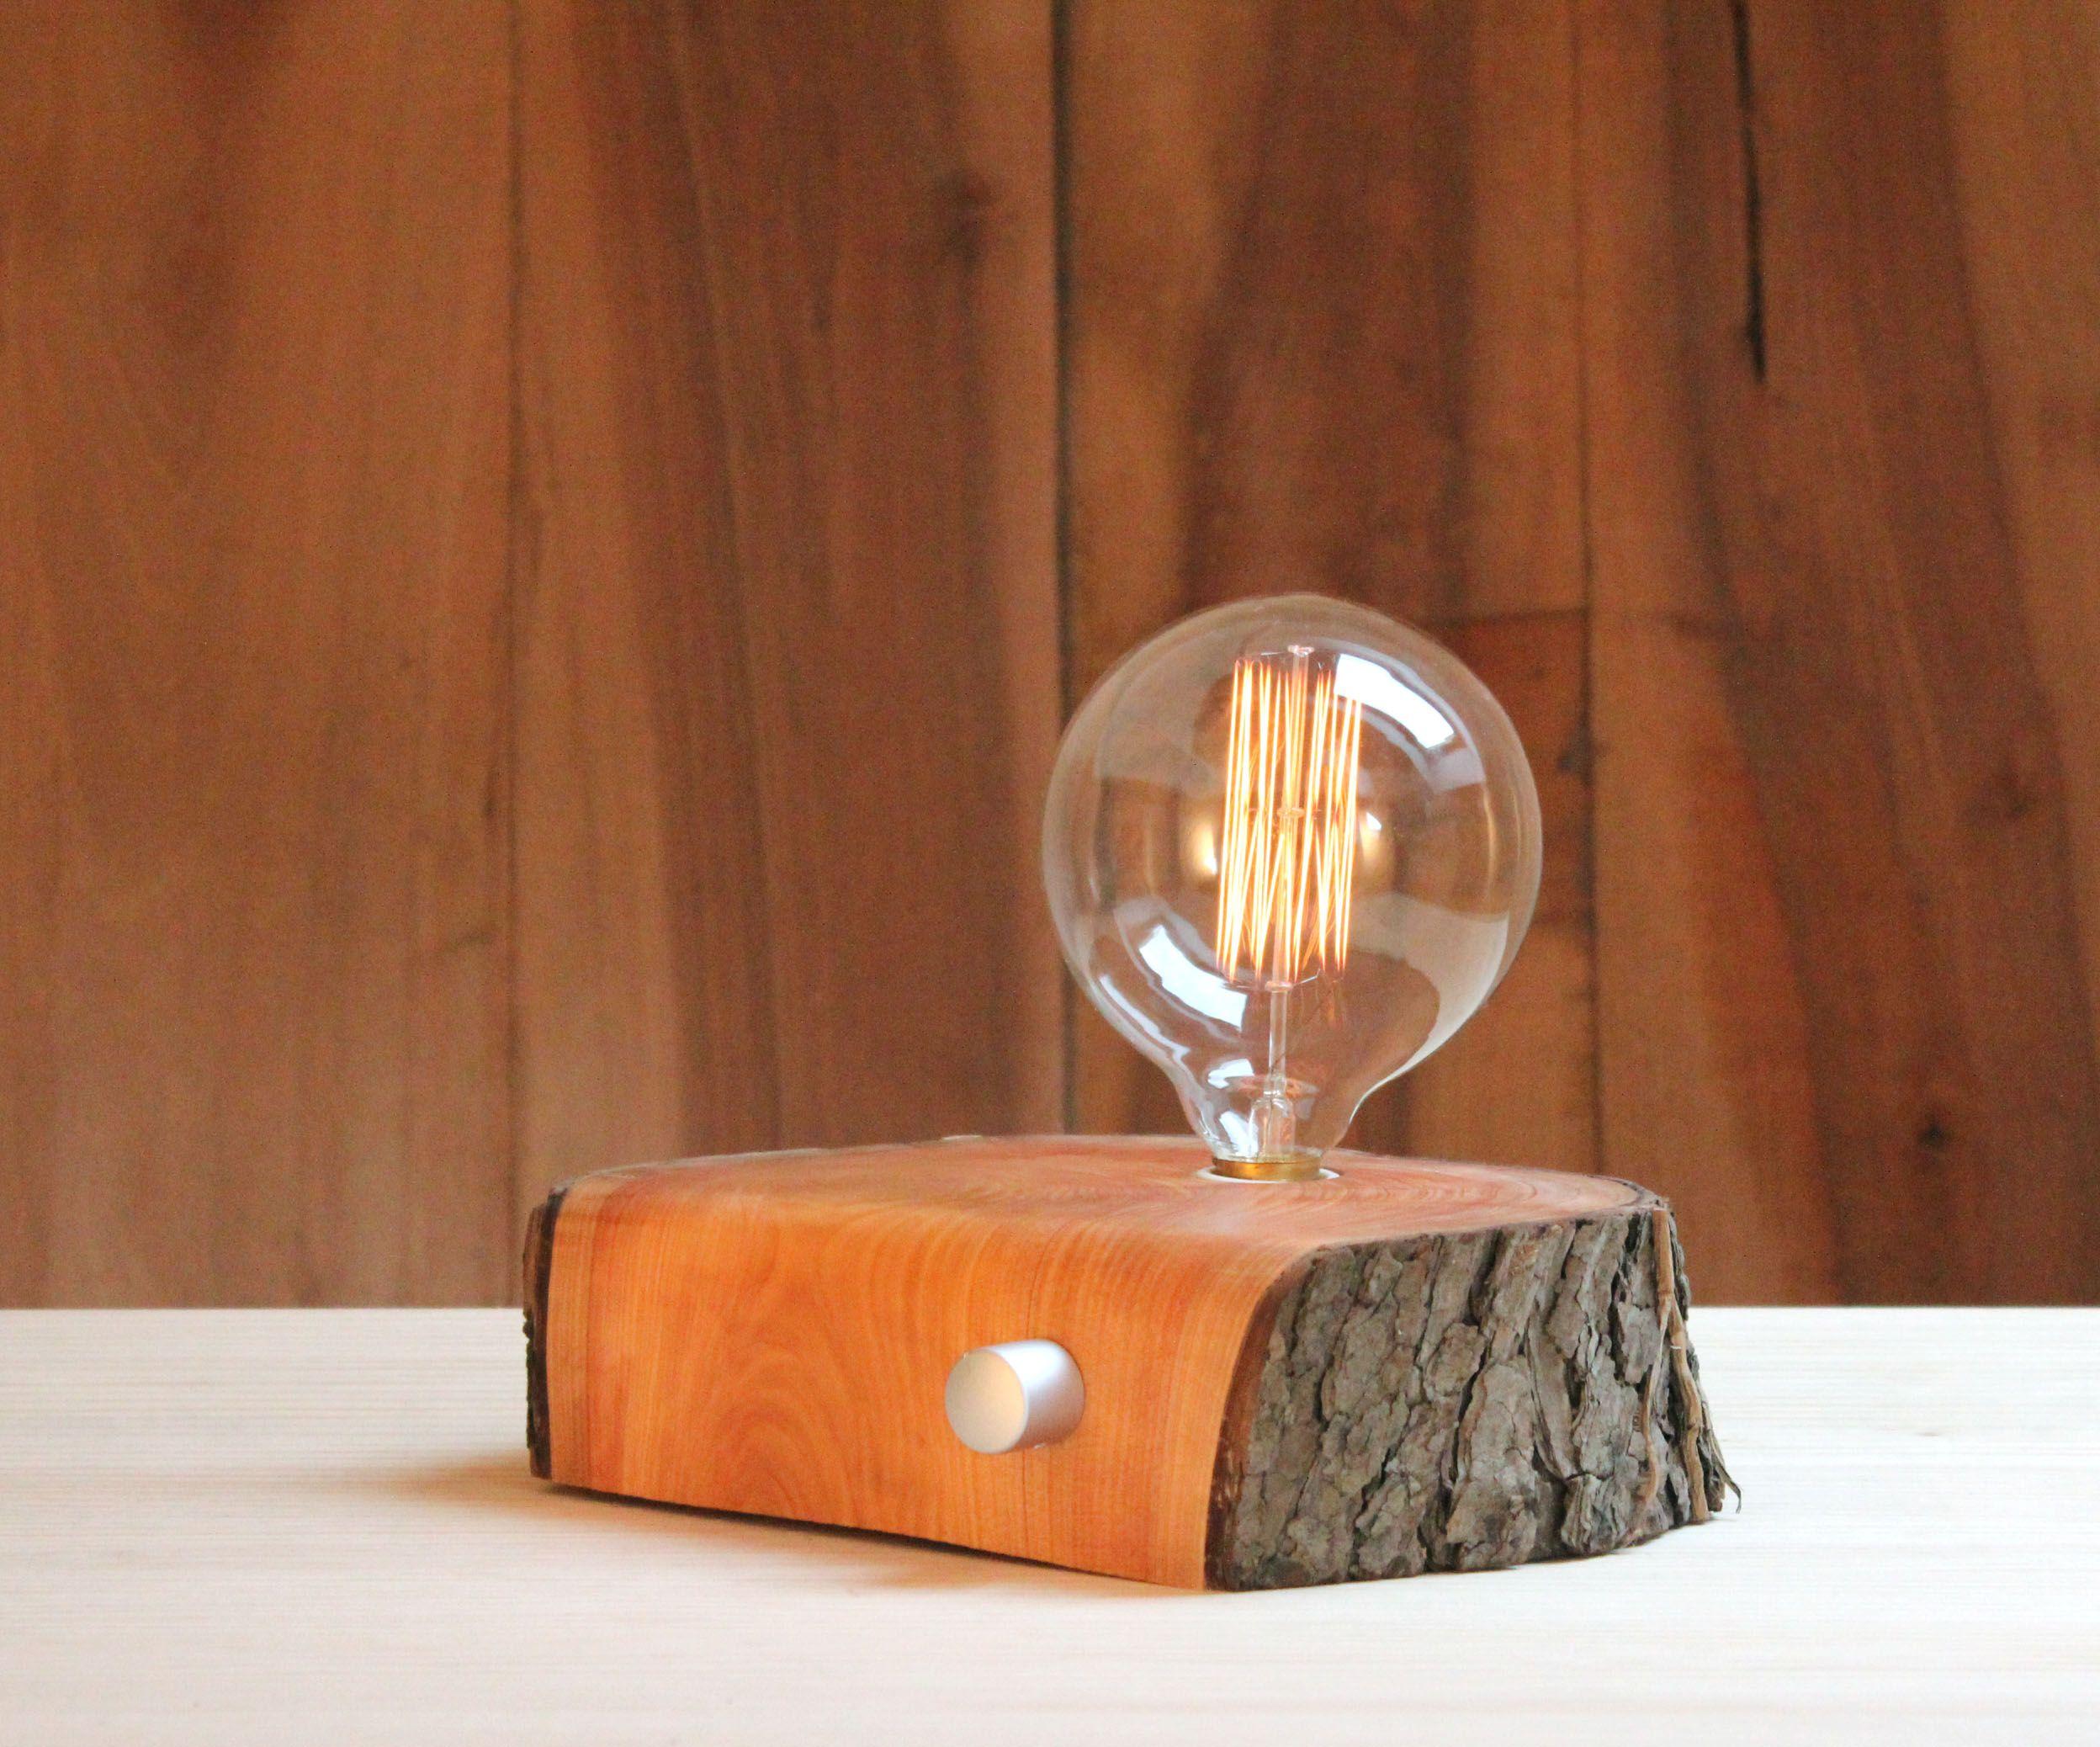 Descubriendo Las L Mparas De Madera Reciclada De Brz Wood Design Con Su Dise Ador Victor Aguado